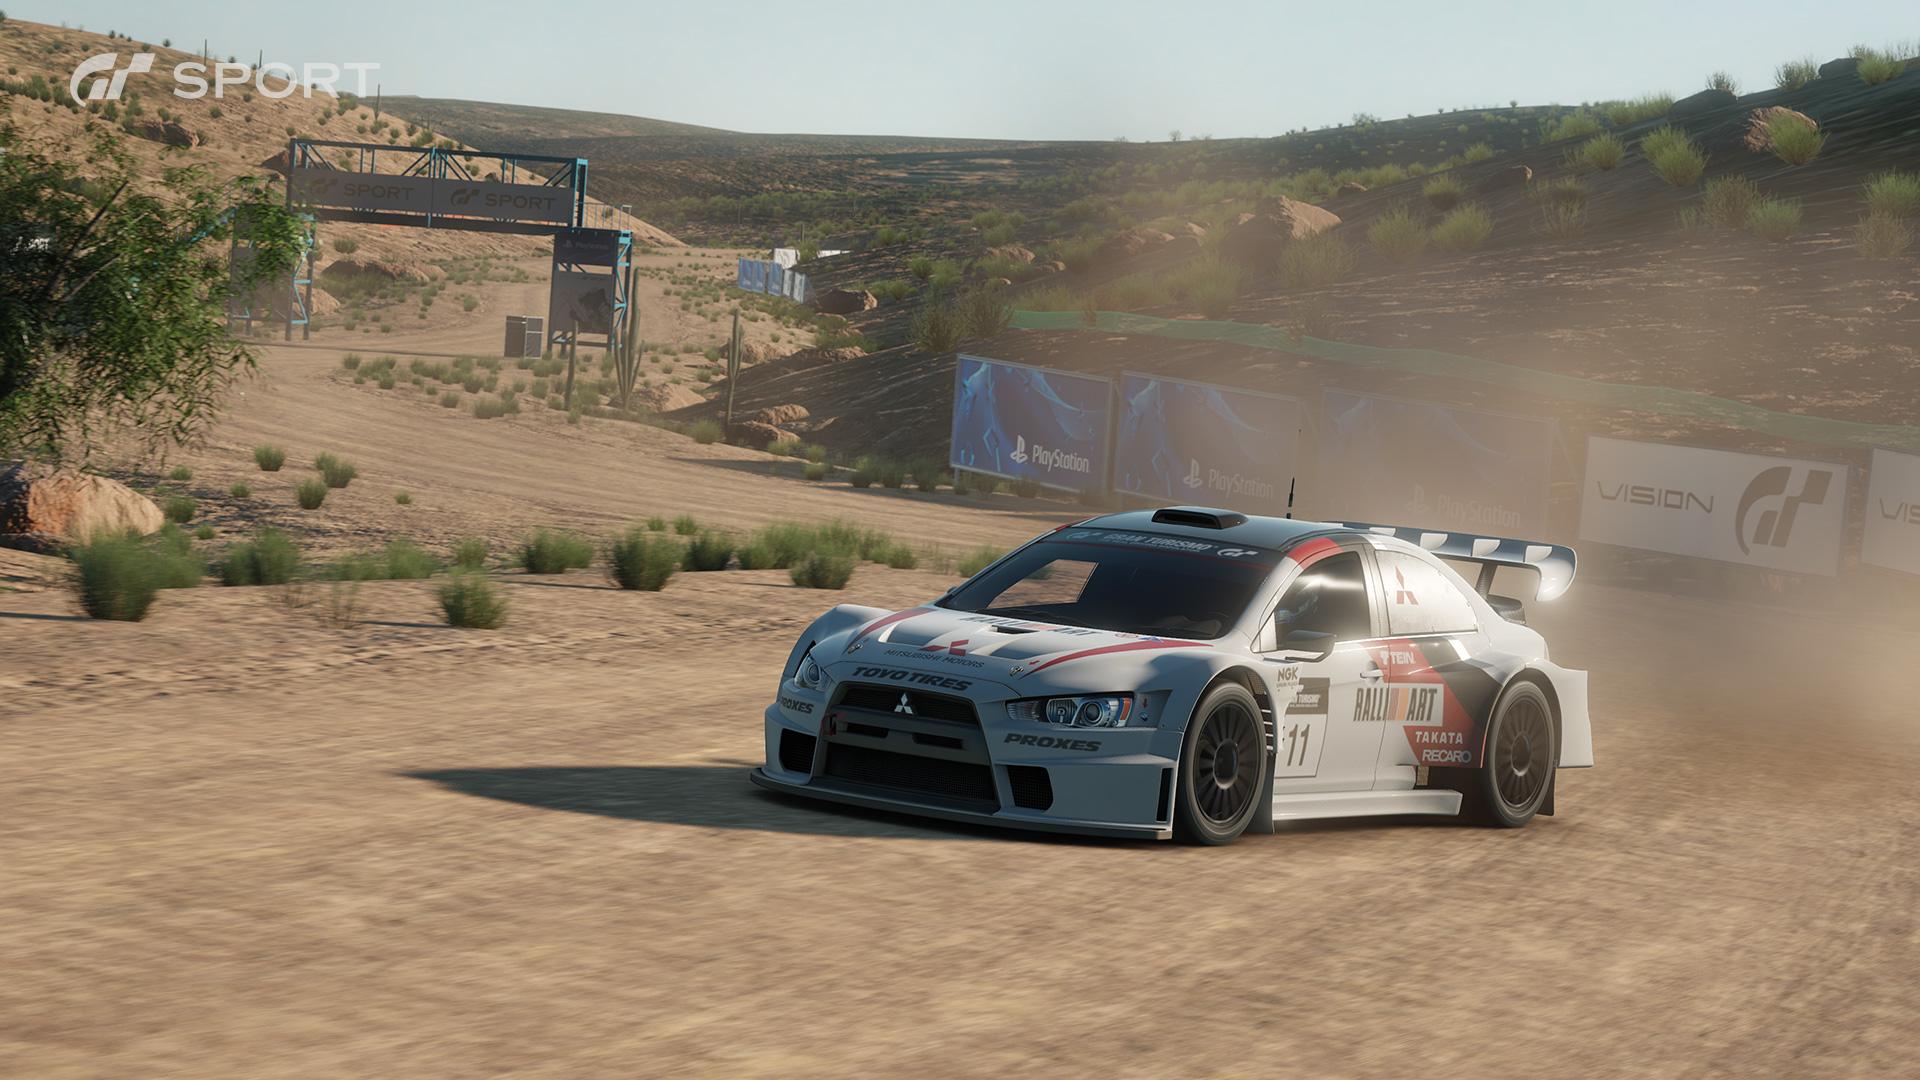 GTSport_Race_Dirt_01_1463670246